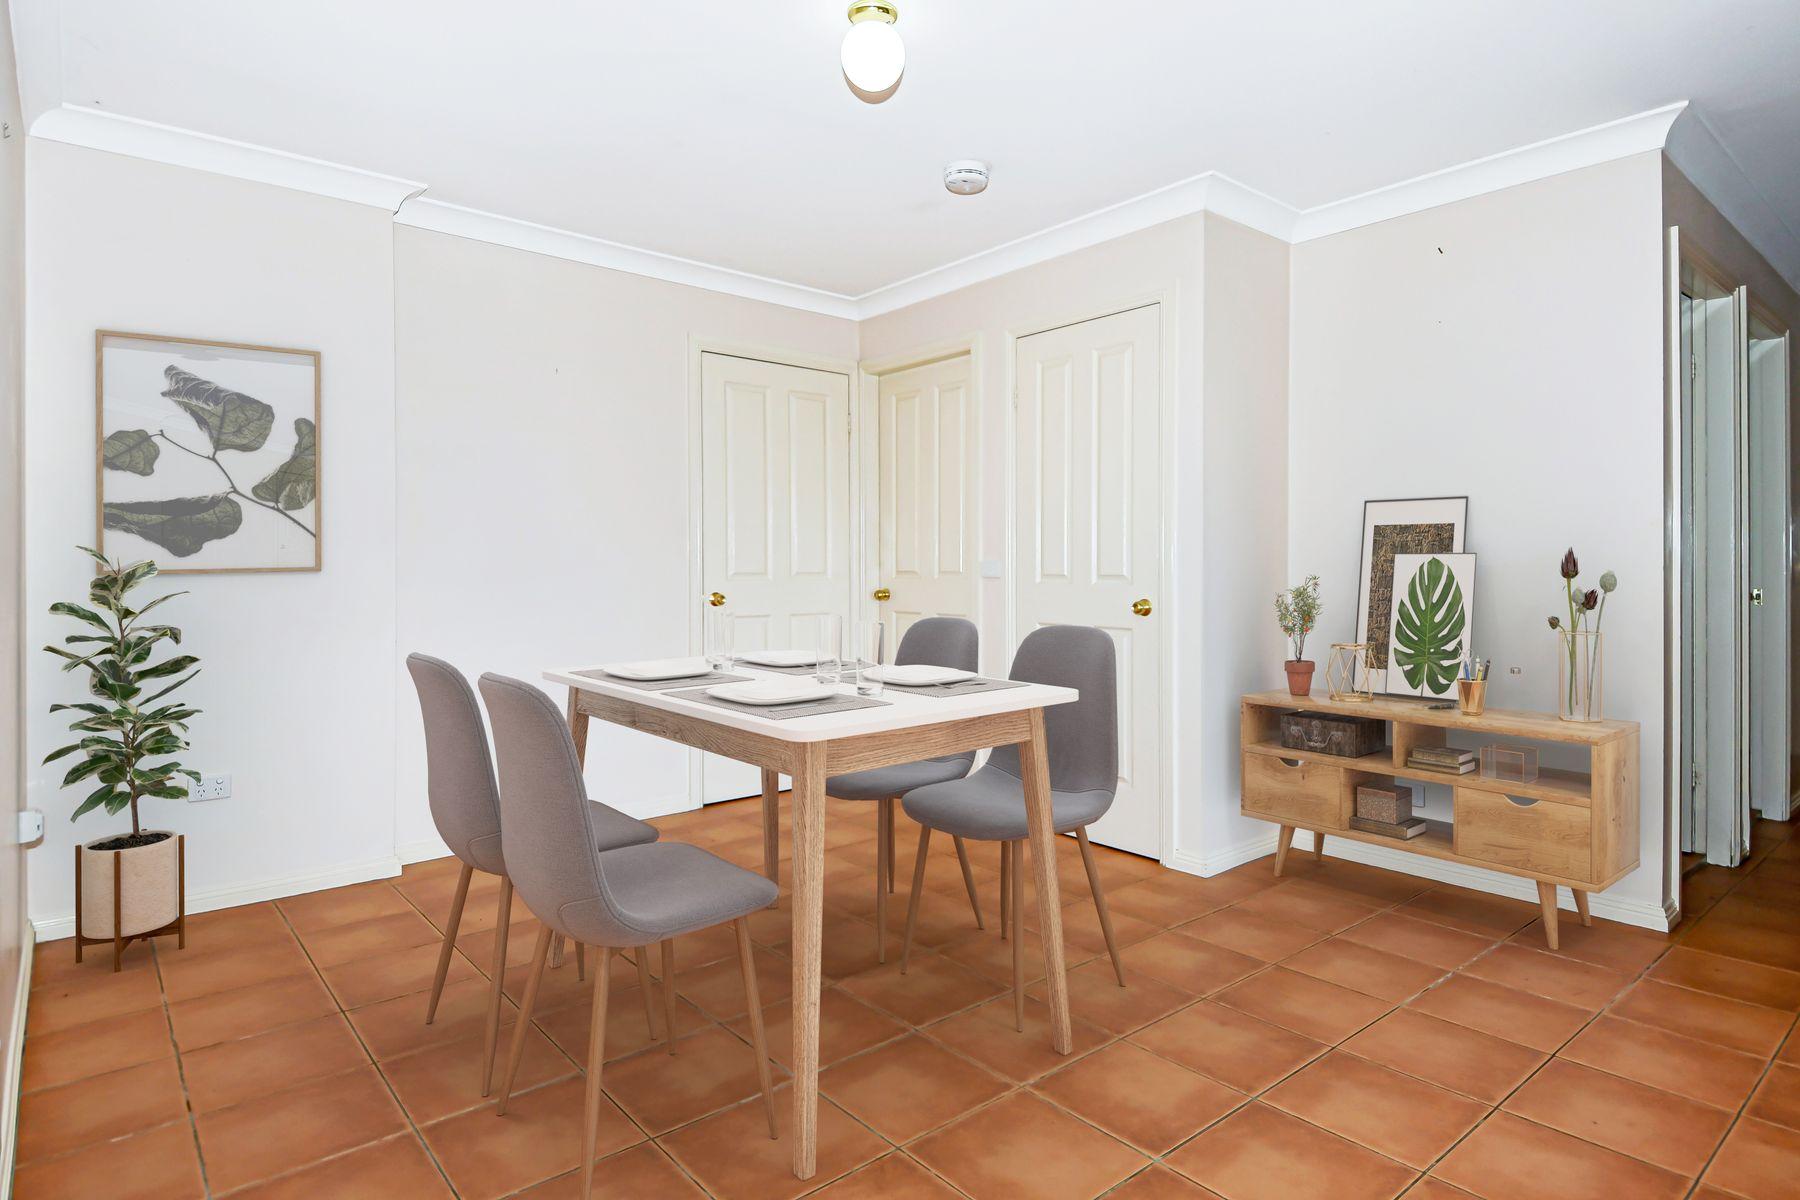 33 Marsden Lane, Kelso, NSW 2795